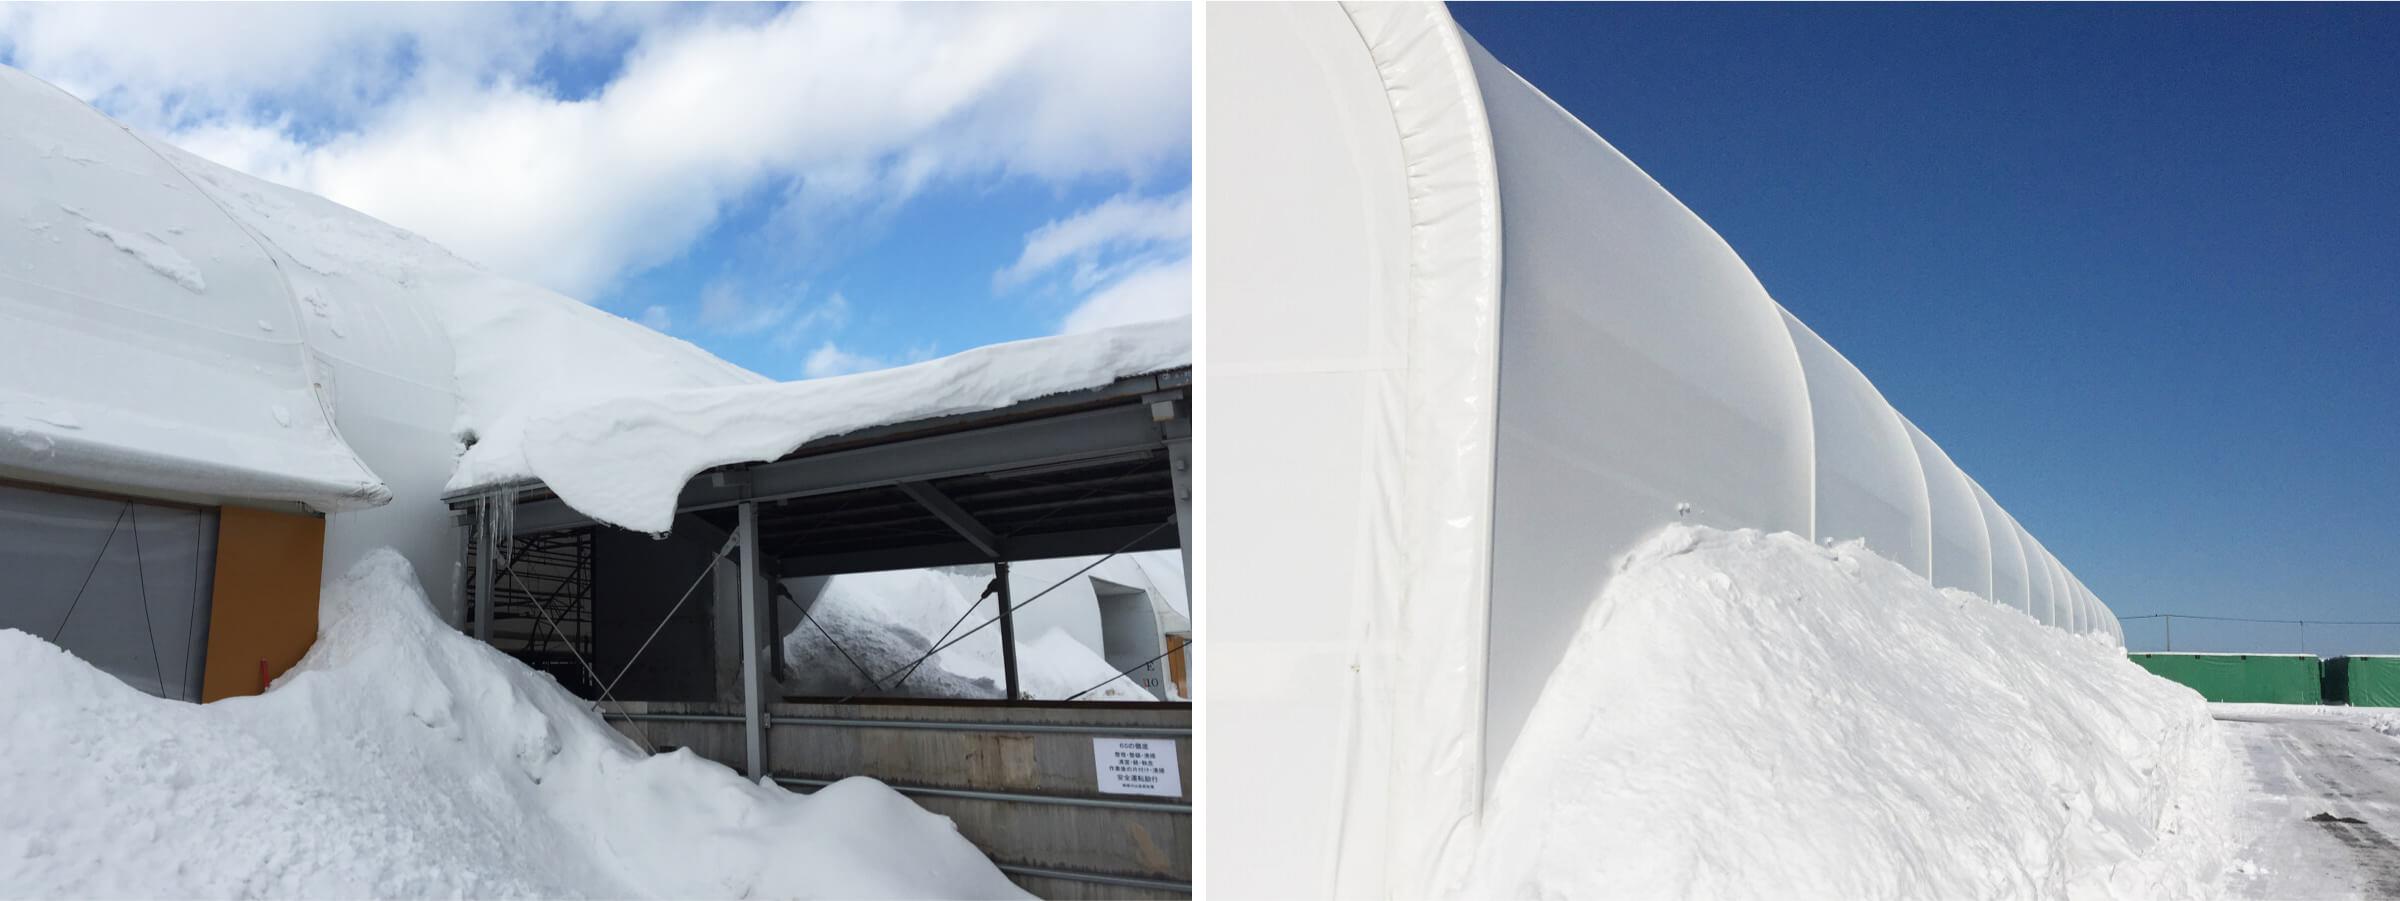 タスコドーム積雪時 イメージ